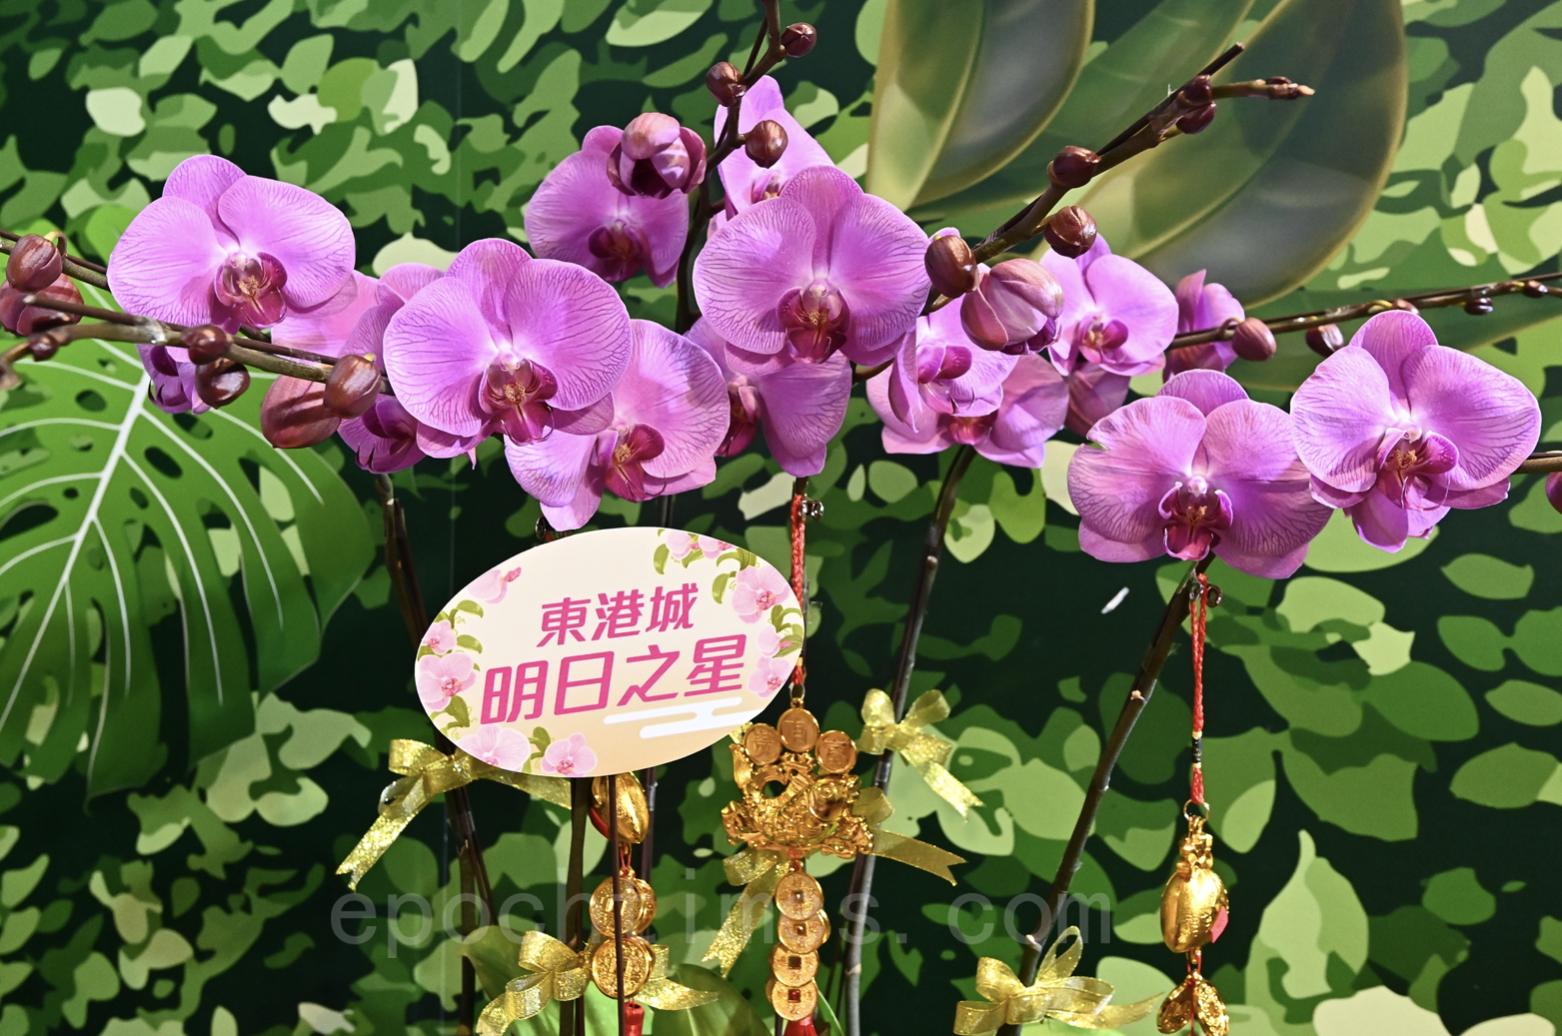 東港城將於1月22日至2月11日舉行「東港城新春花市限定店」。(宋碧龍/大紀元)